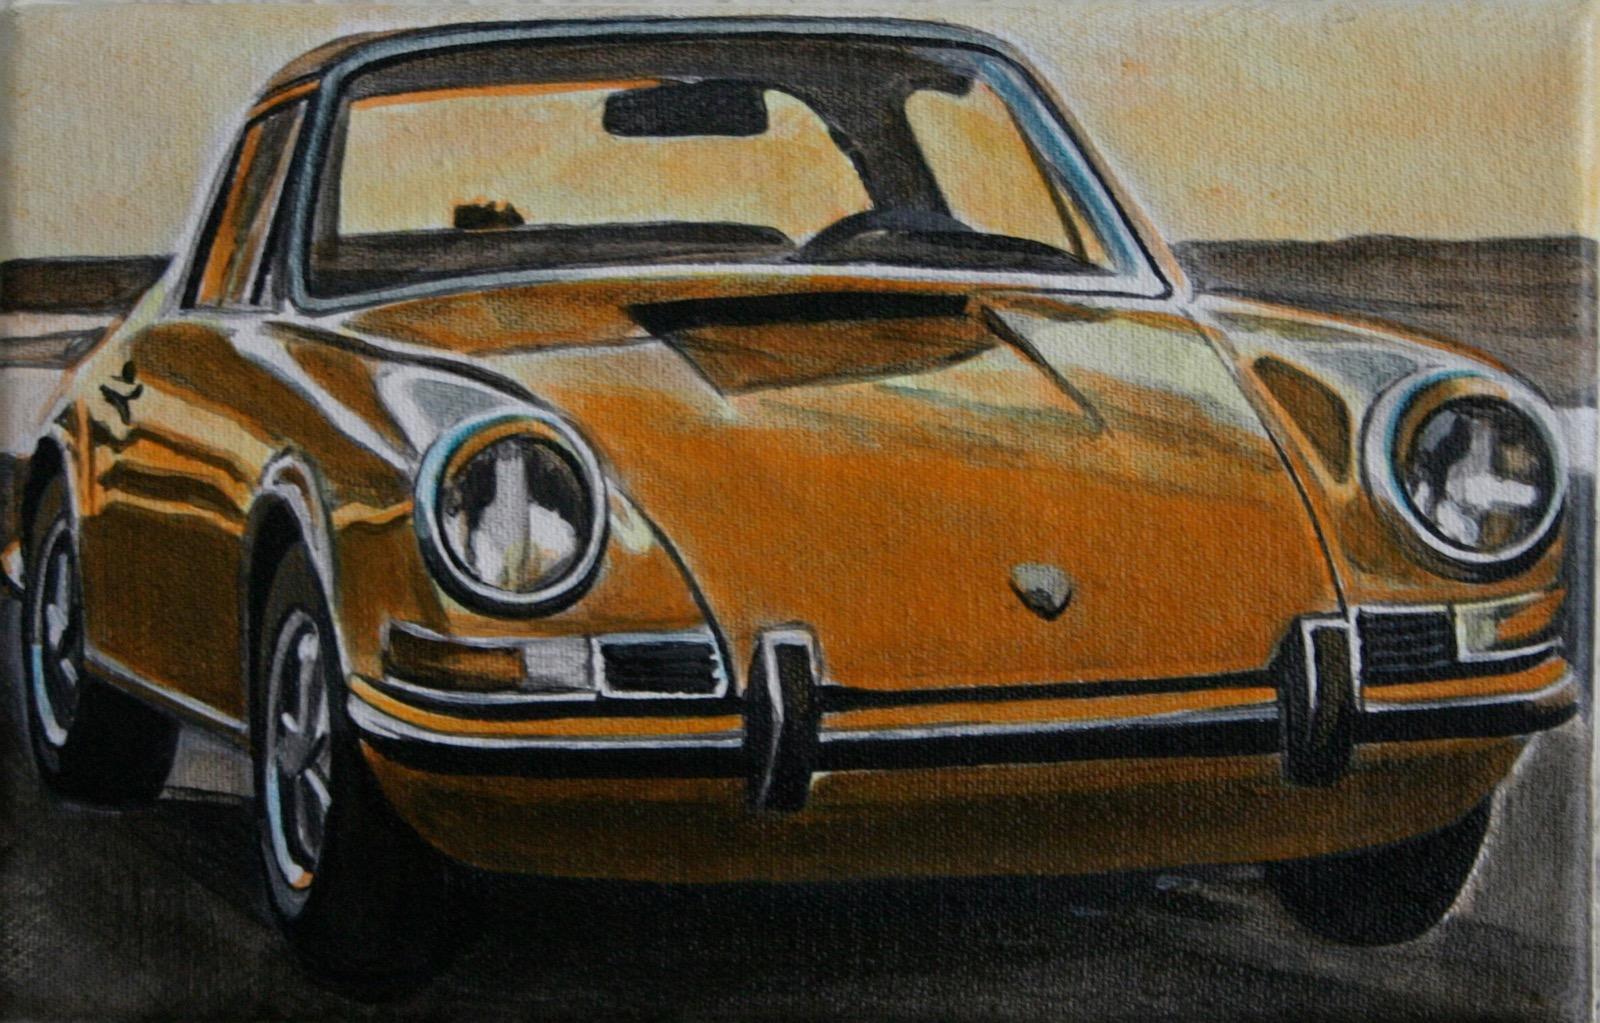 Das Design und die Linie faszinieren Aaron Vidal Martinez. Für ihn sind die Rundungen von Porsche weiblich und erotisch.